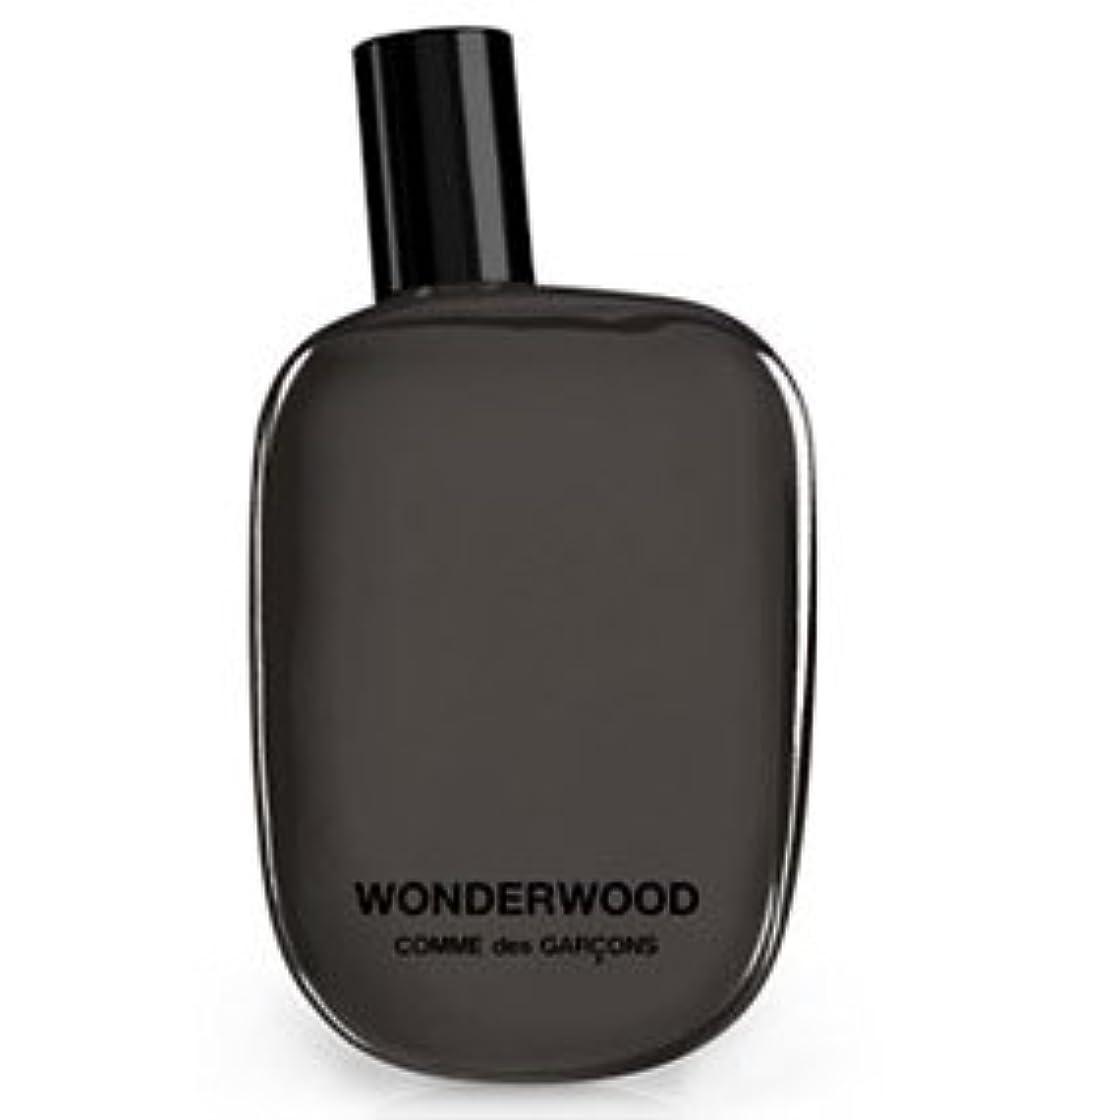 床を掃除するヒューバートハドソンエスニックWonderwood (ワンダーウッド) 1.7 oz (50ml) EDP Spray by Comme des Garcons for Women